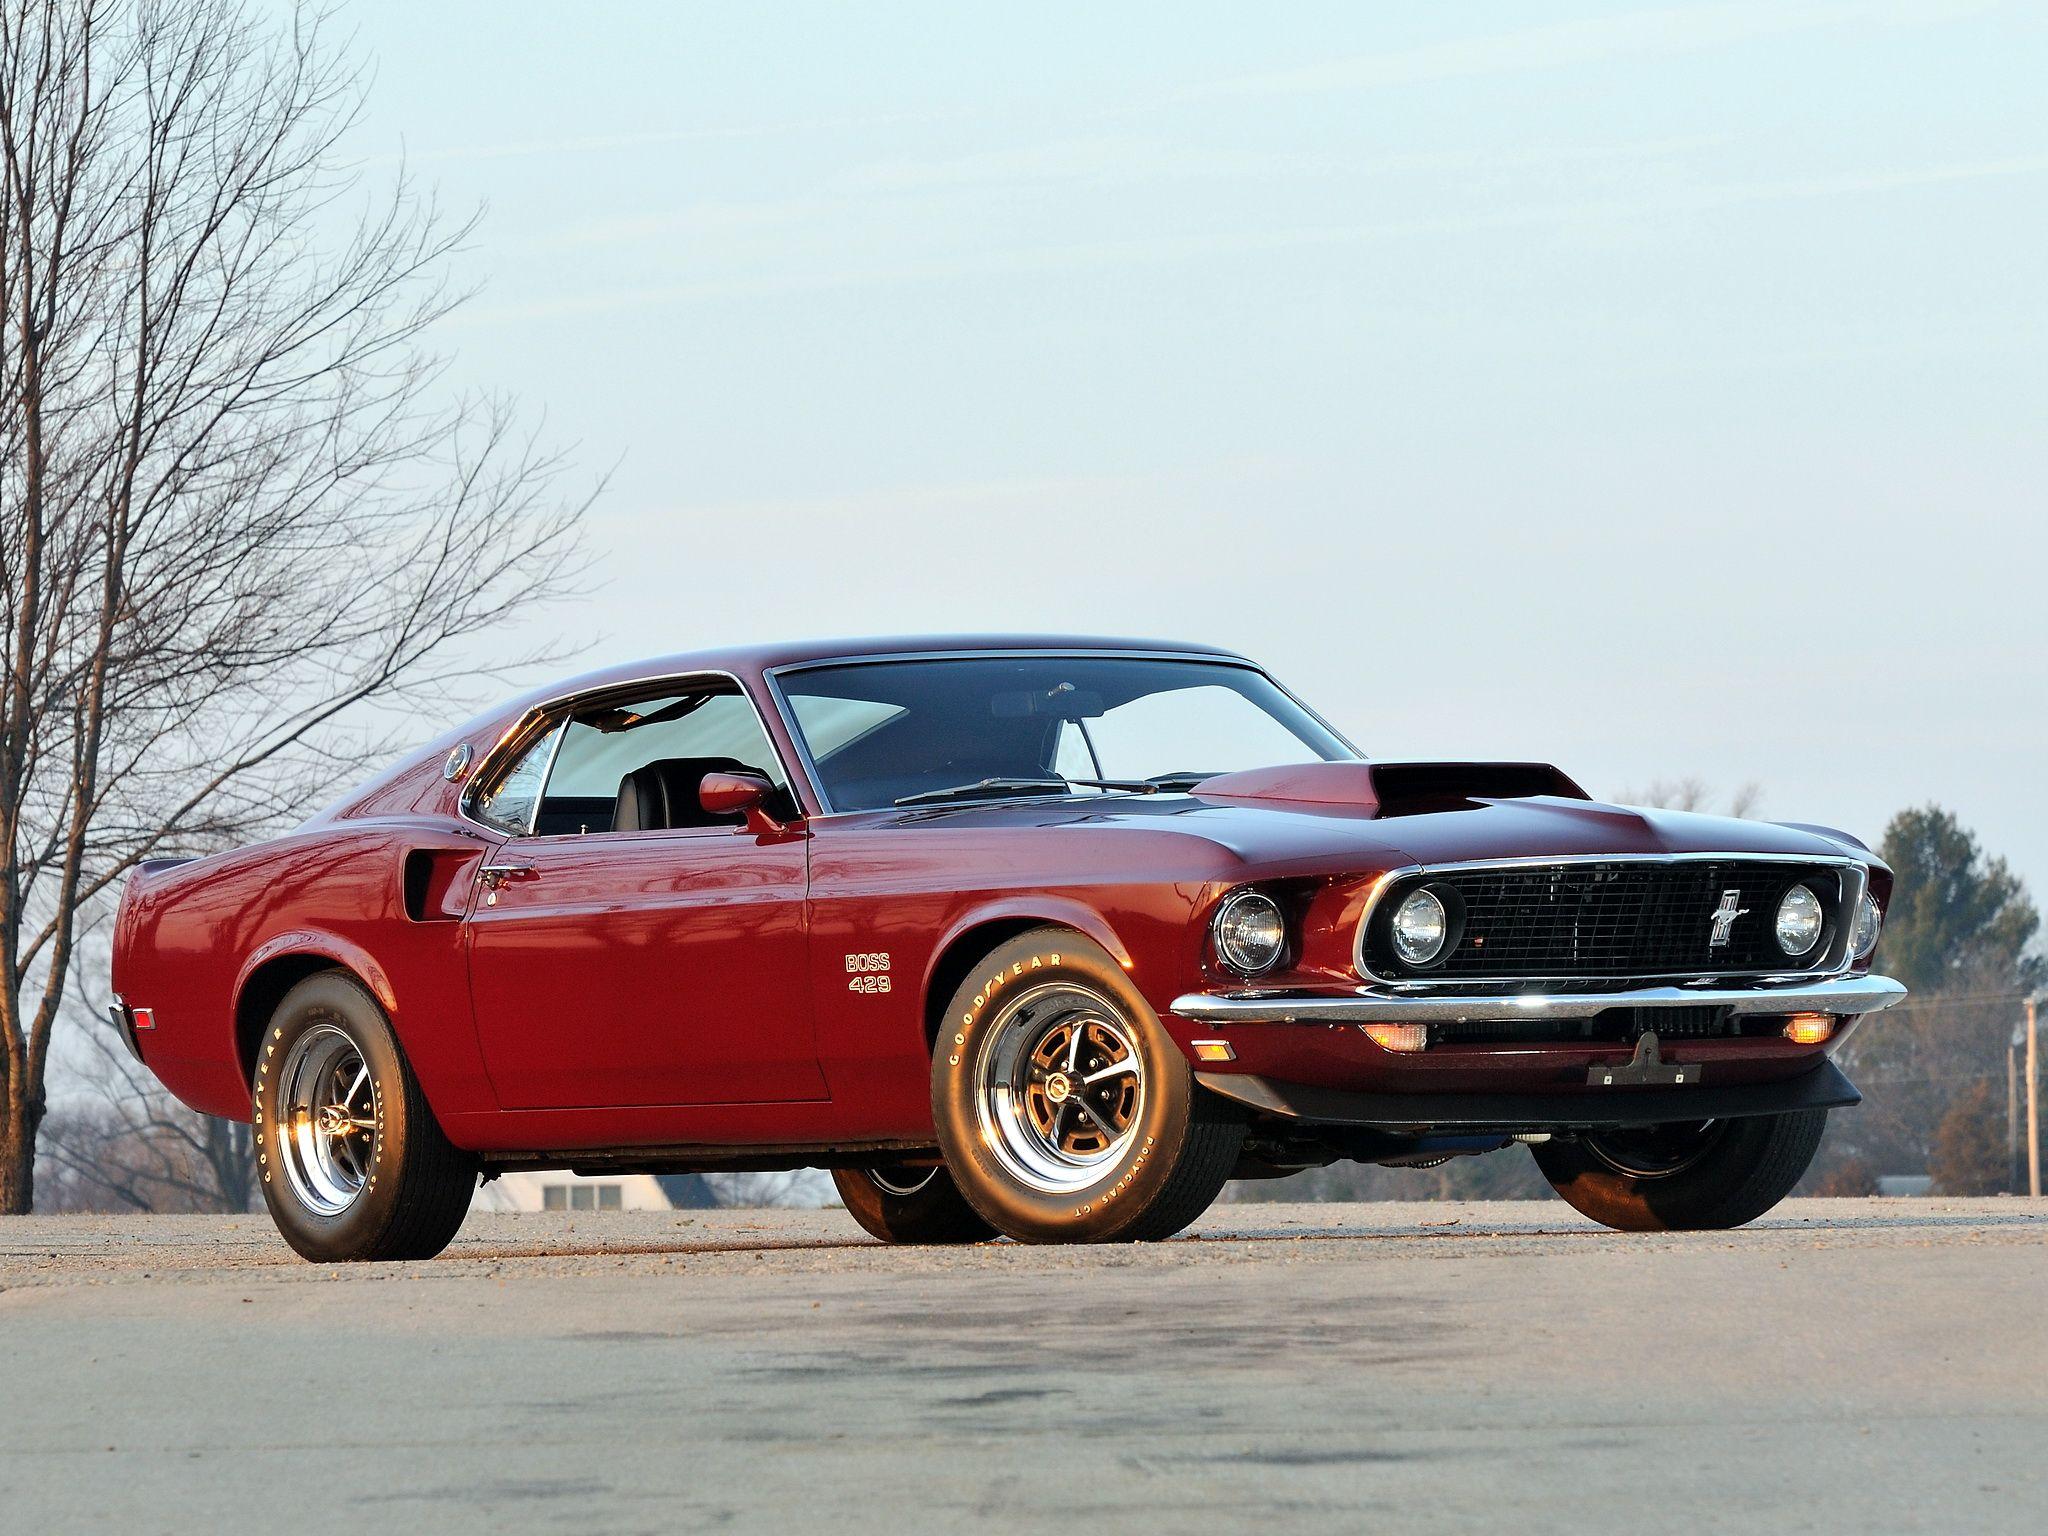 1969 Mustang Boss 429 Cars